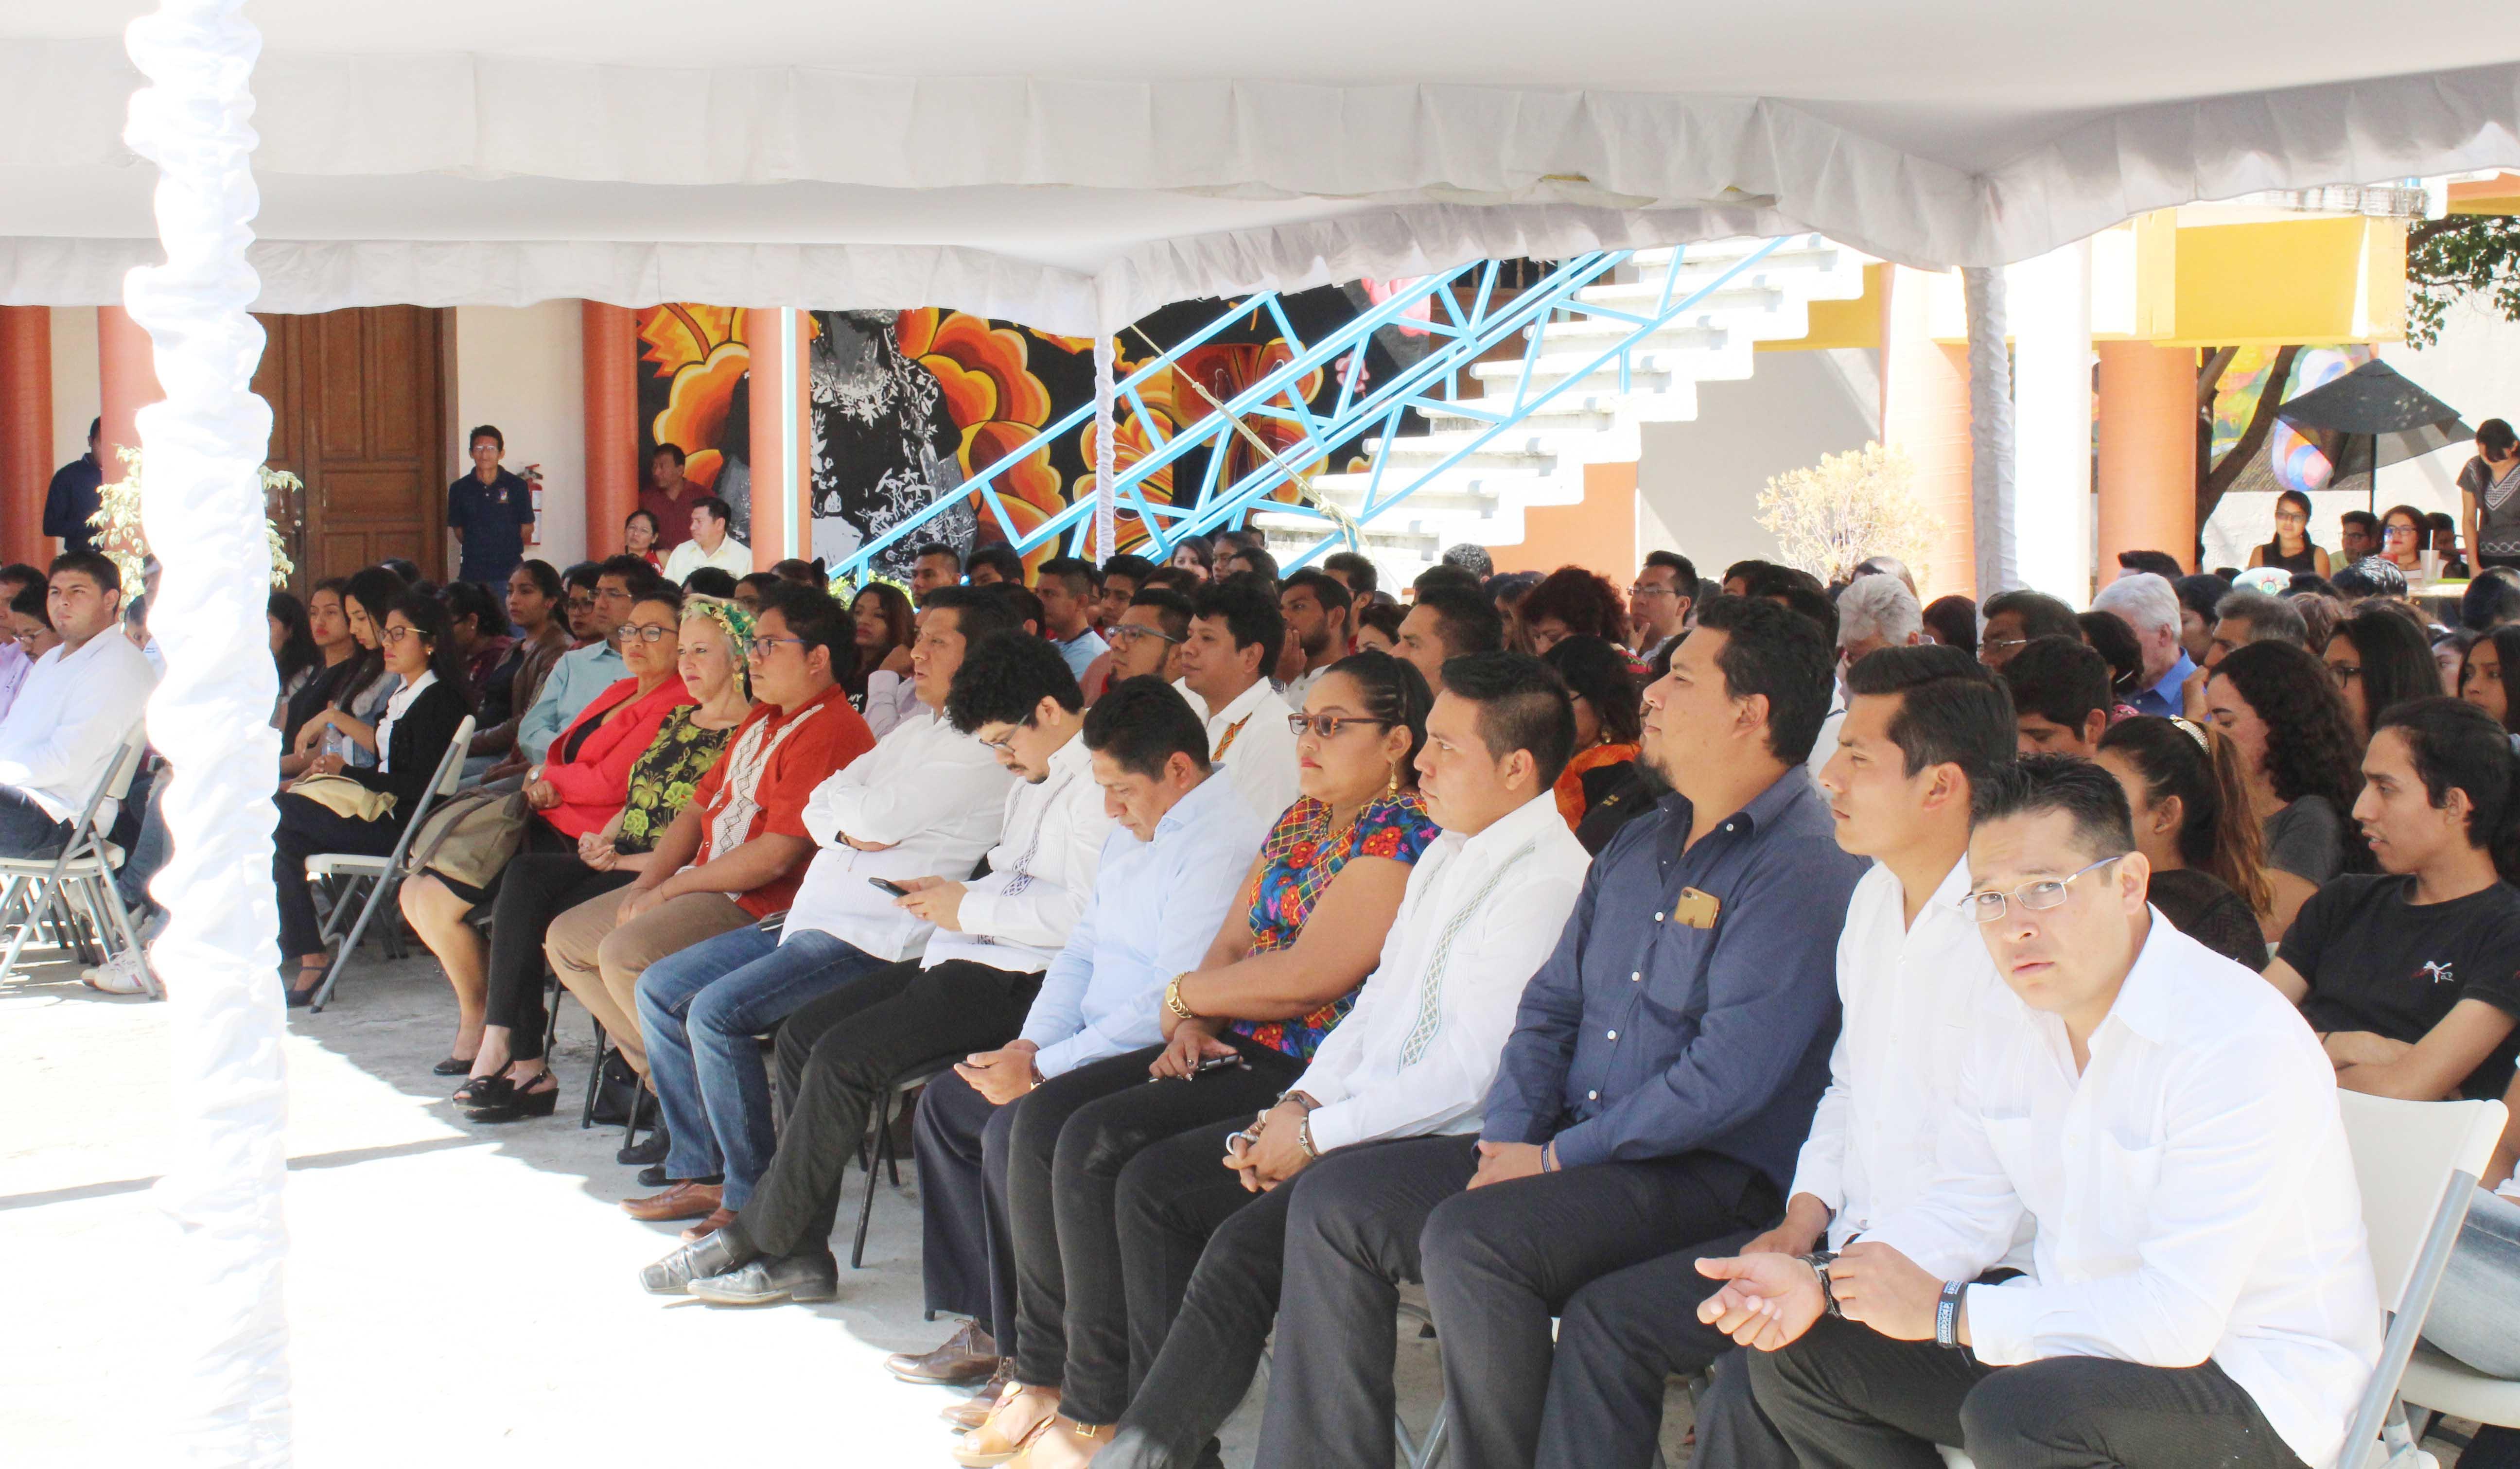 Facultad de Idiomas Tehuantepec